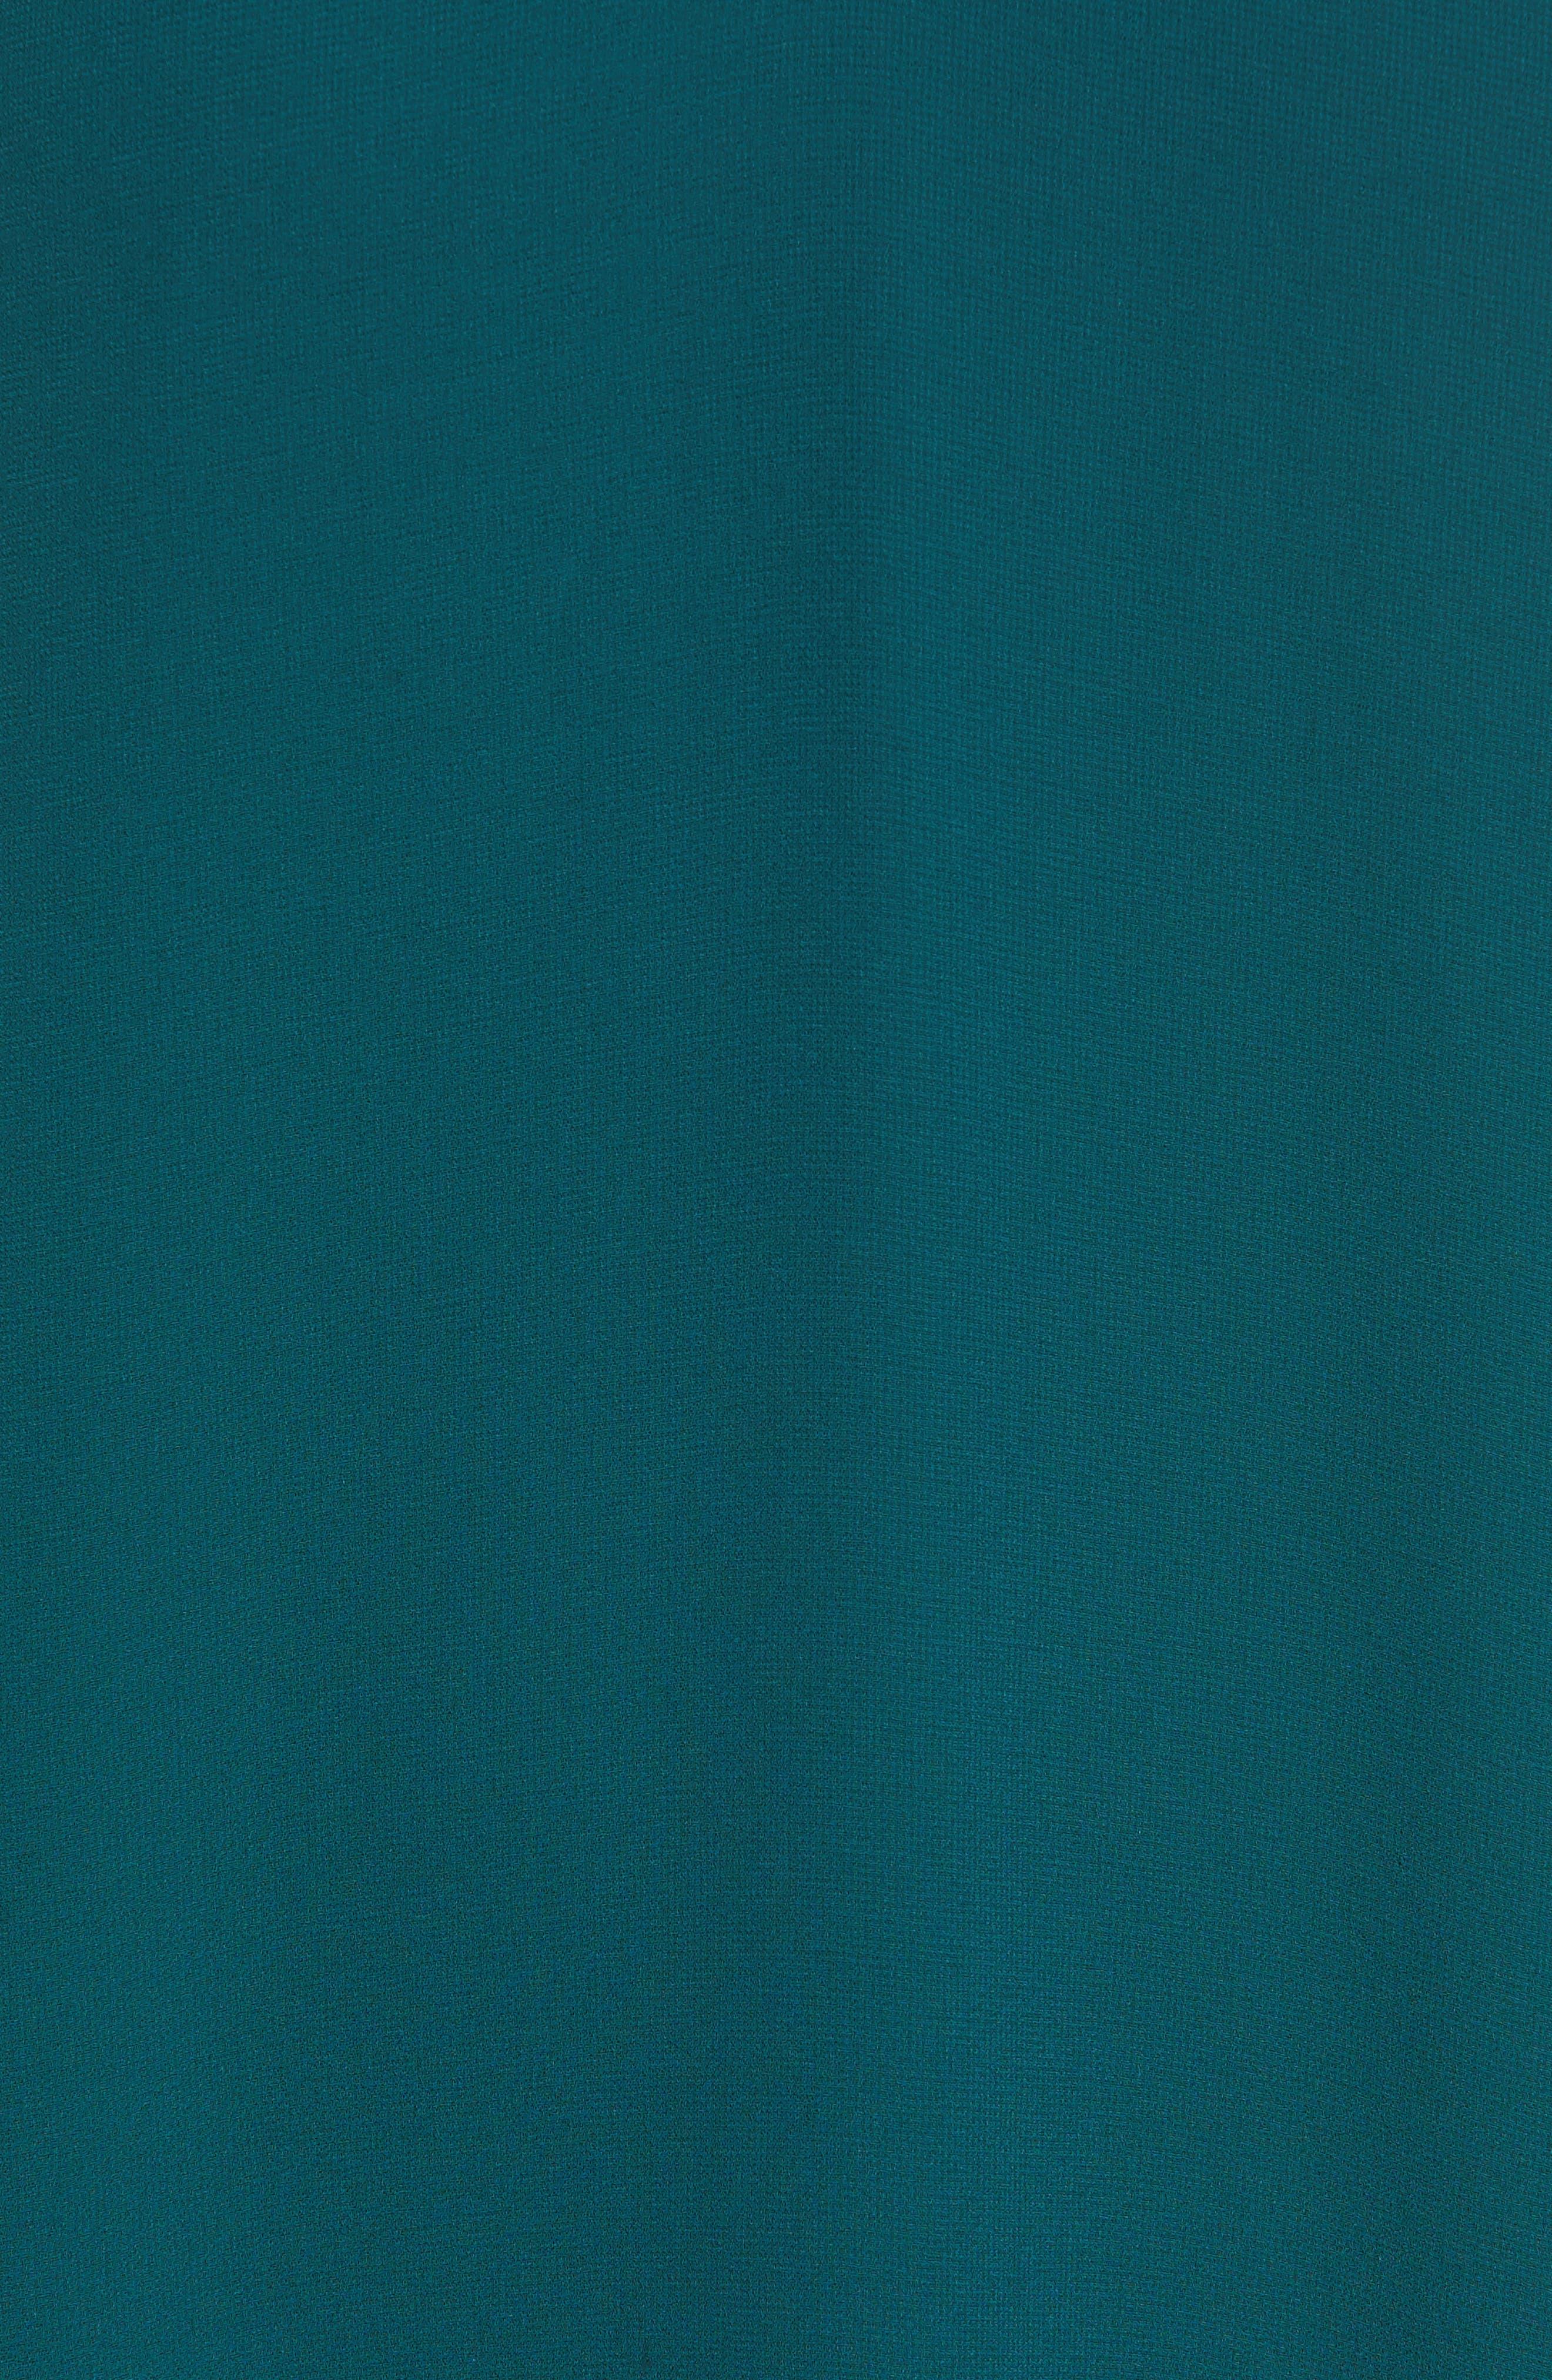 Ruffle Sleeve Shift Dress,                             Alternate thumbnail 17, color,